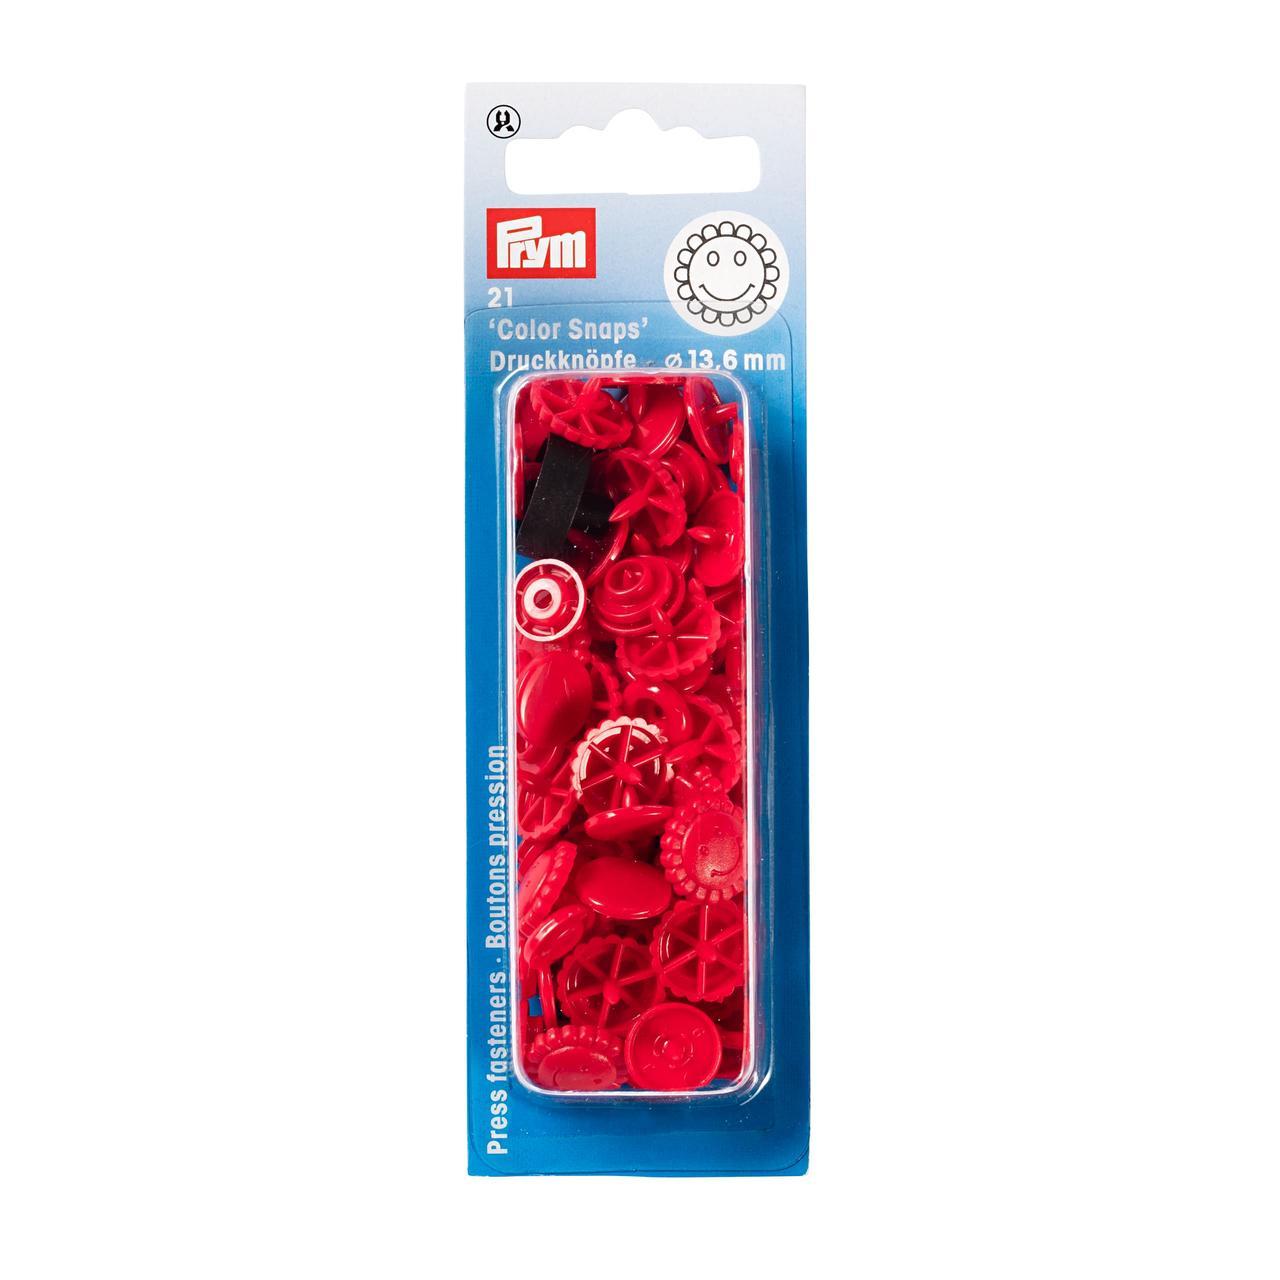 Непришивные кнопки «Color Snaps» цветок, 13.6 мм, красные Prym 393438